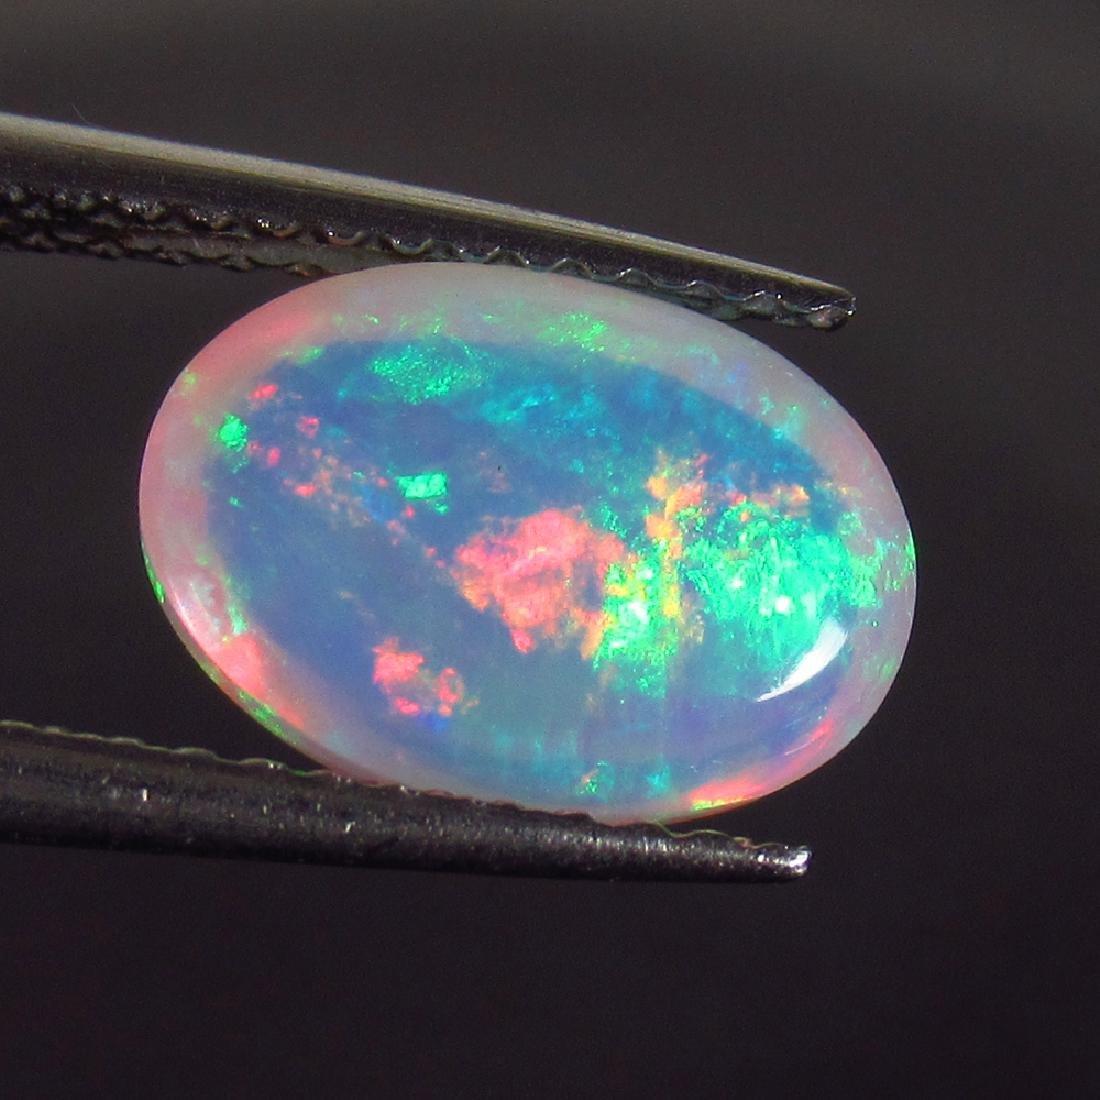 1.54 Ctw Natural Ethiopian Multi-Color Fire Opal 10x7 - 2